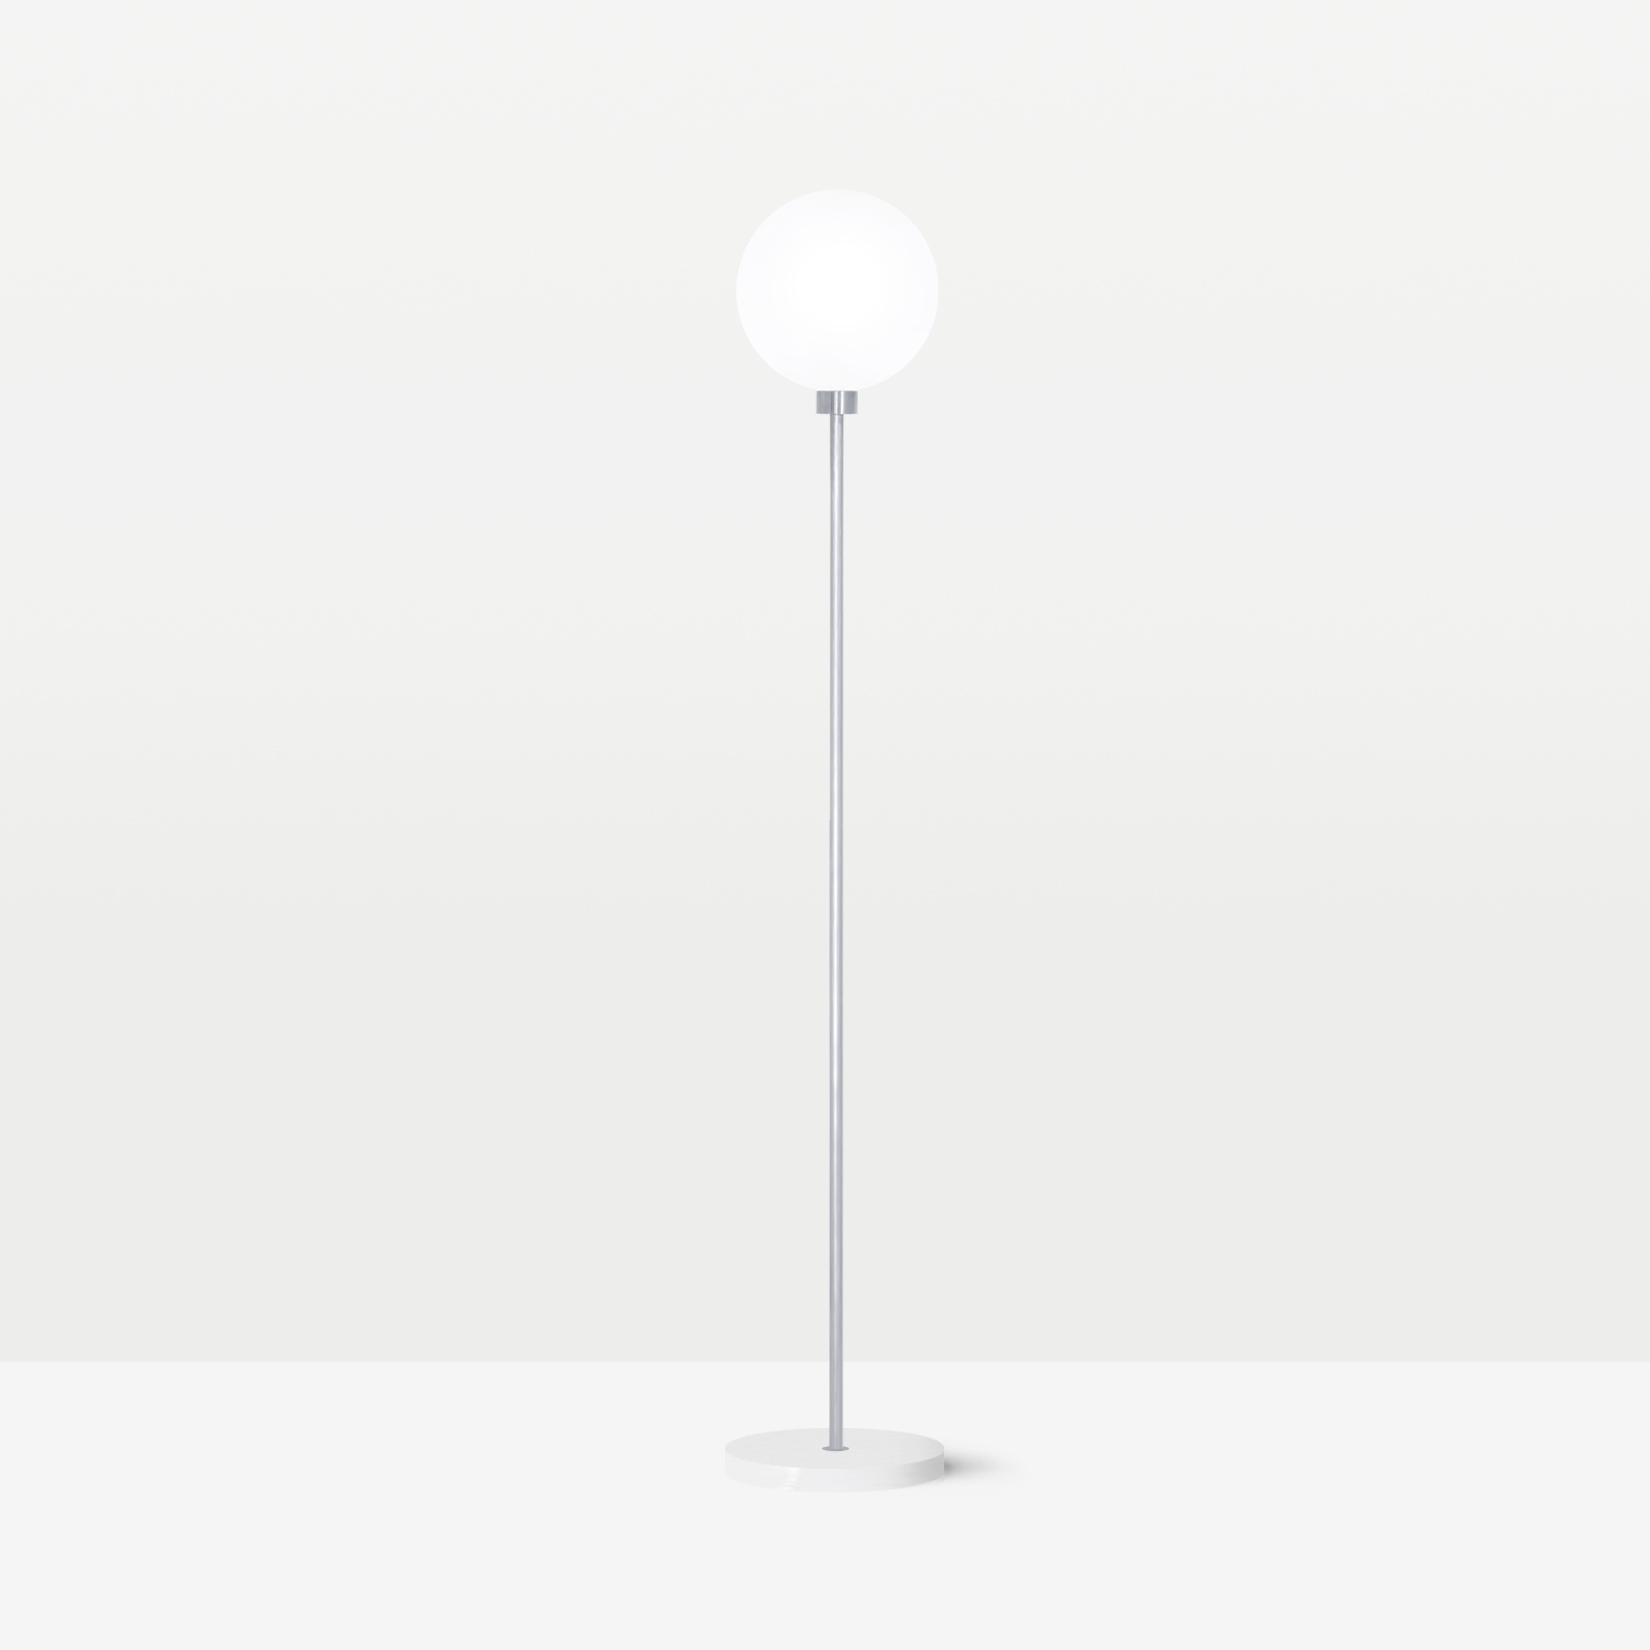 Напольный светильник Onis белый мрамор - вид 4